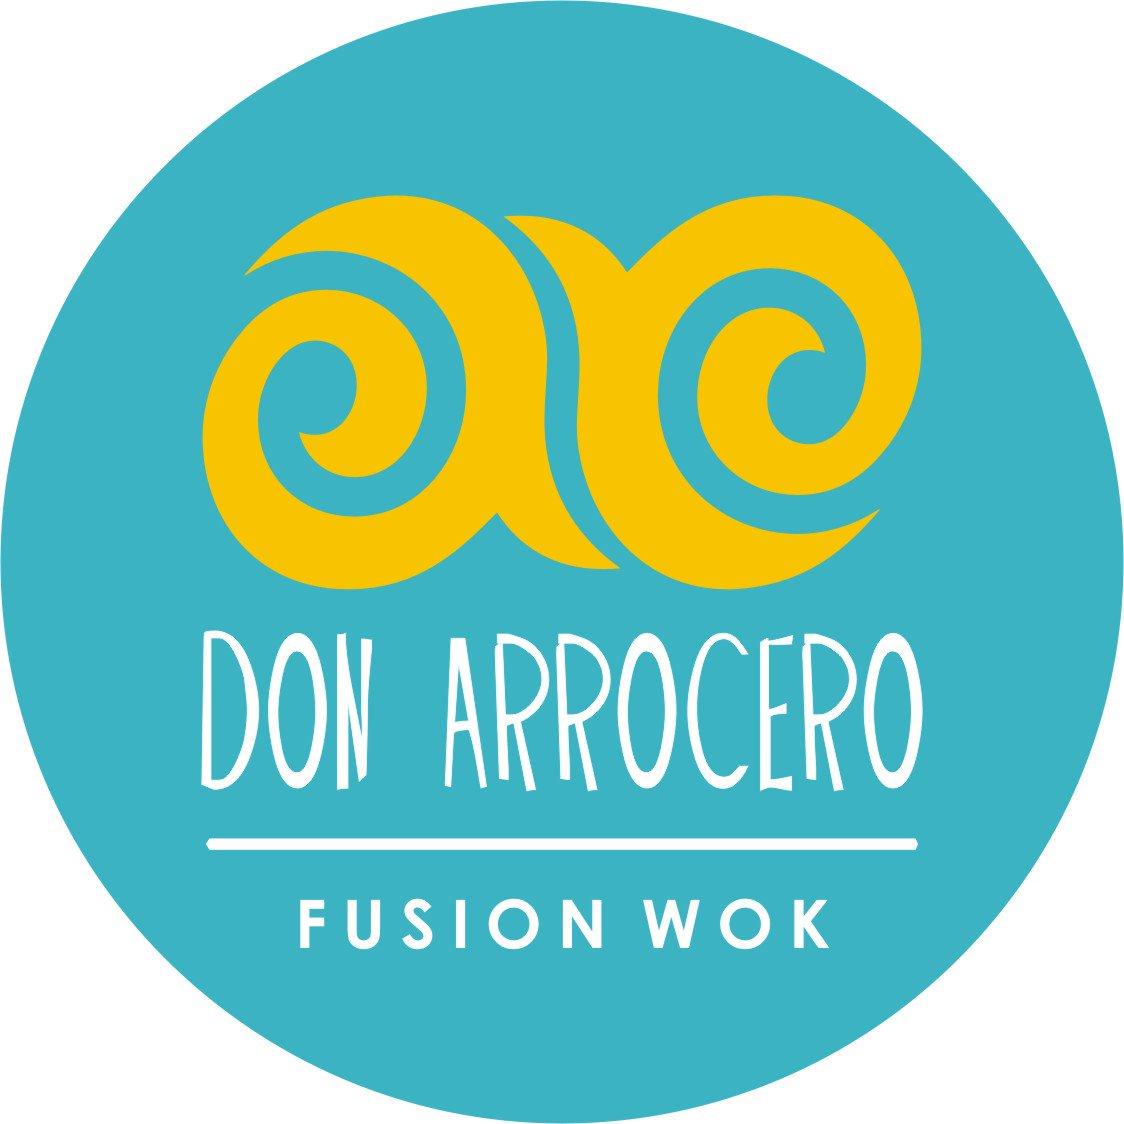 Don Arrocero